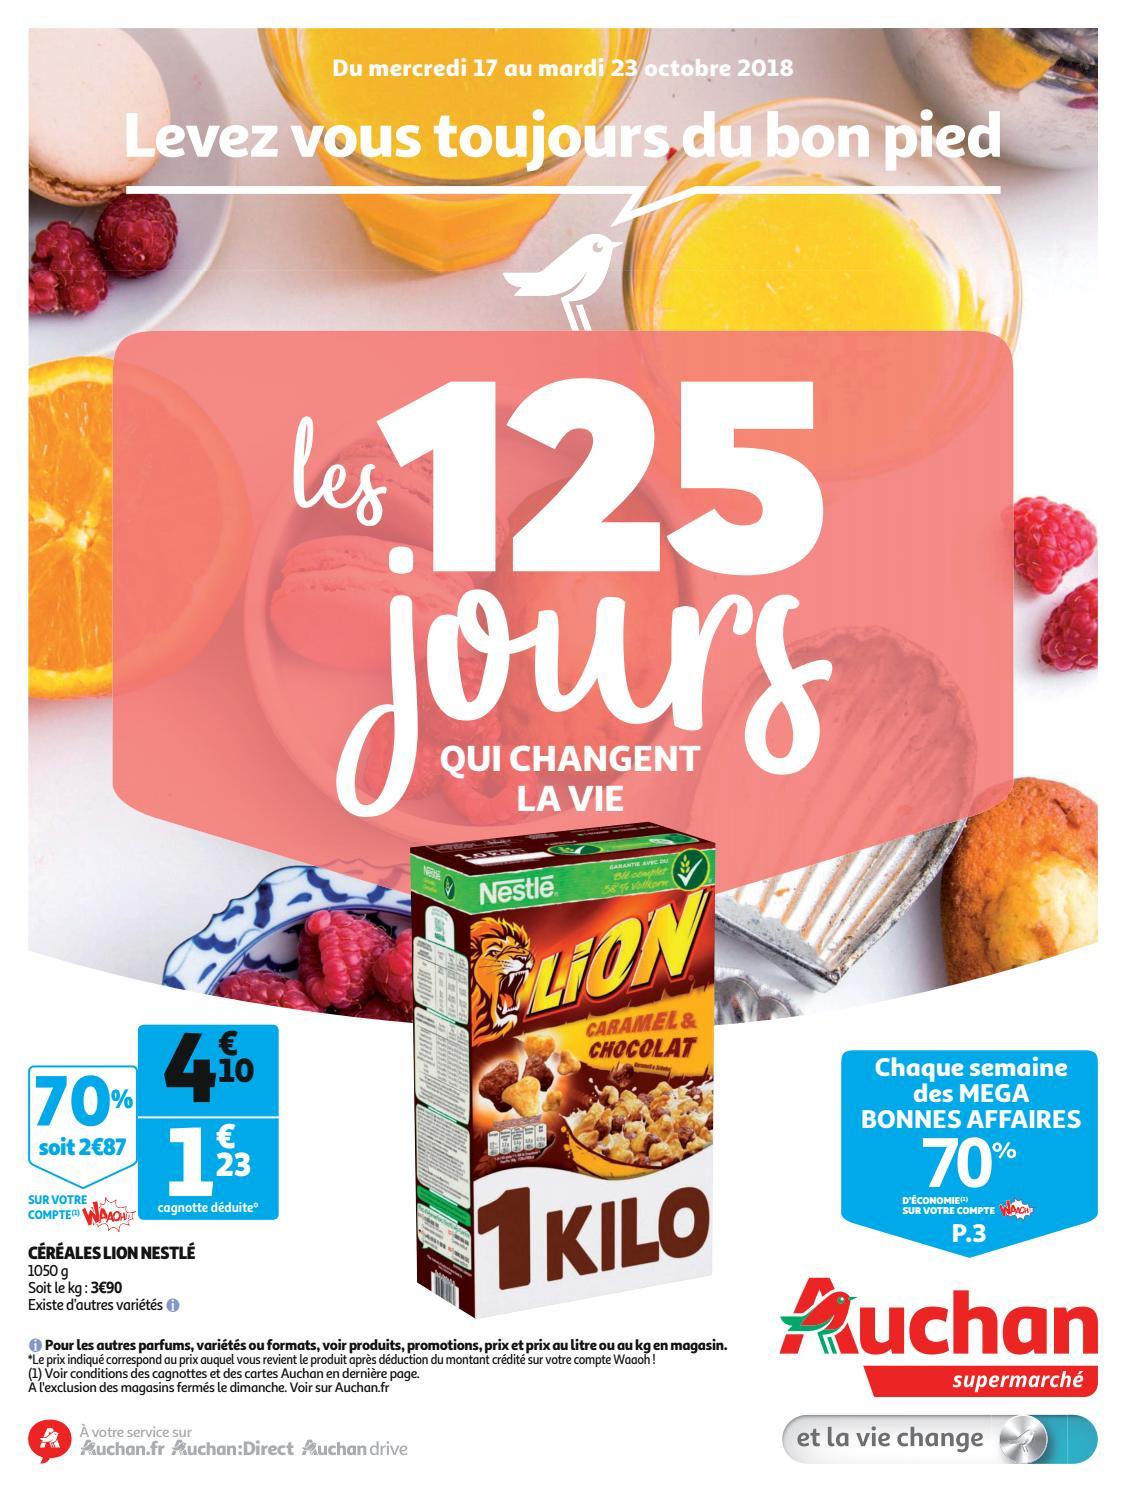 Du 23 Octobre Au Catalogue 2018 Auchan 17 Supermarché N8wX0OknP